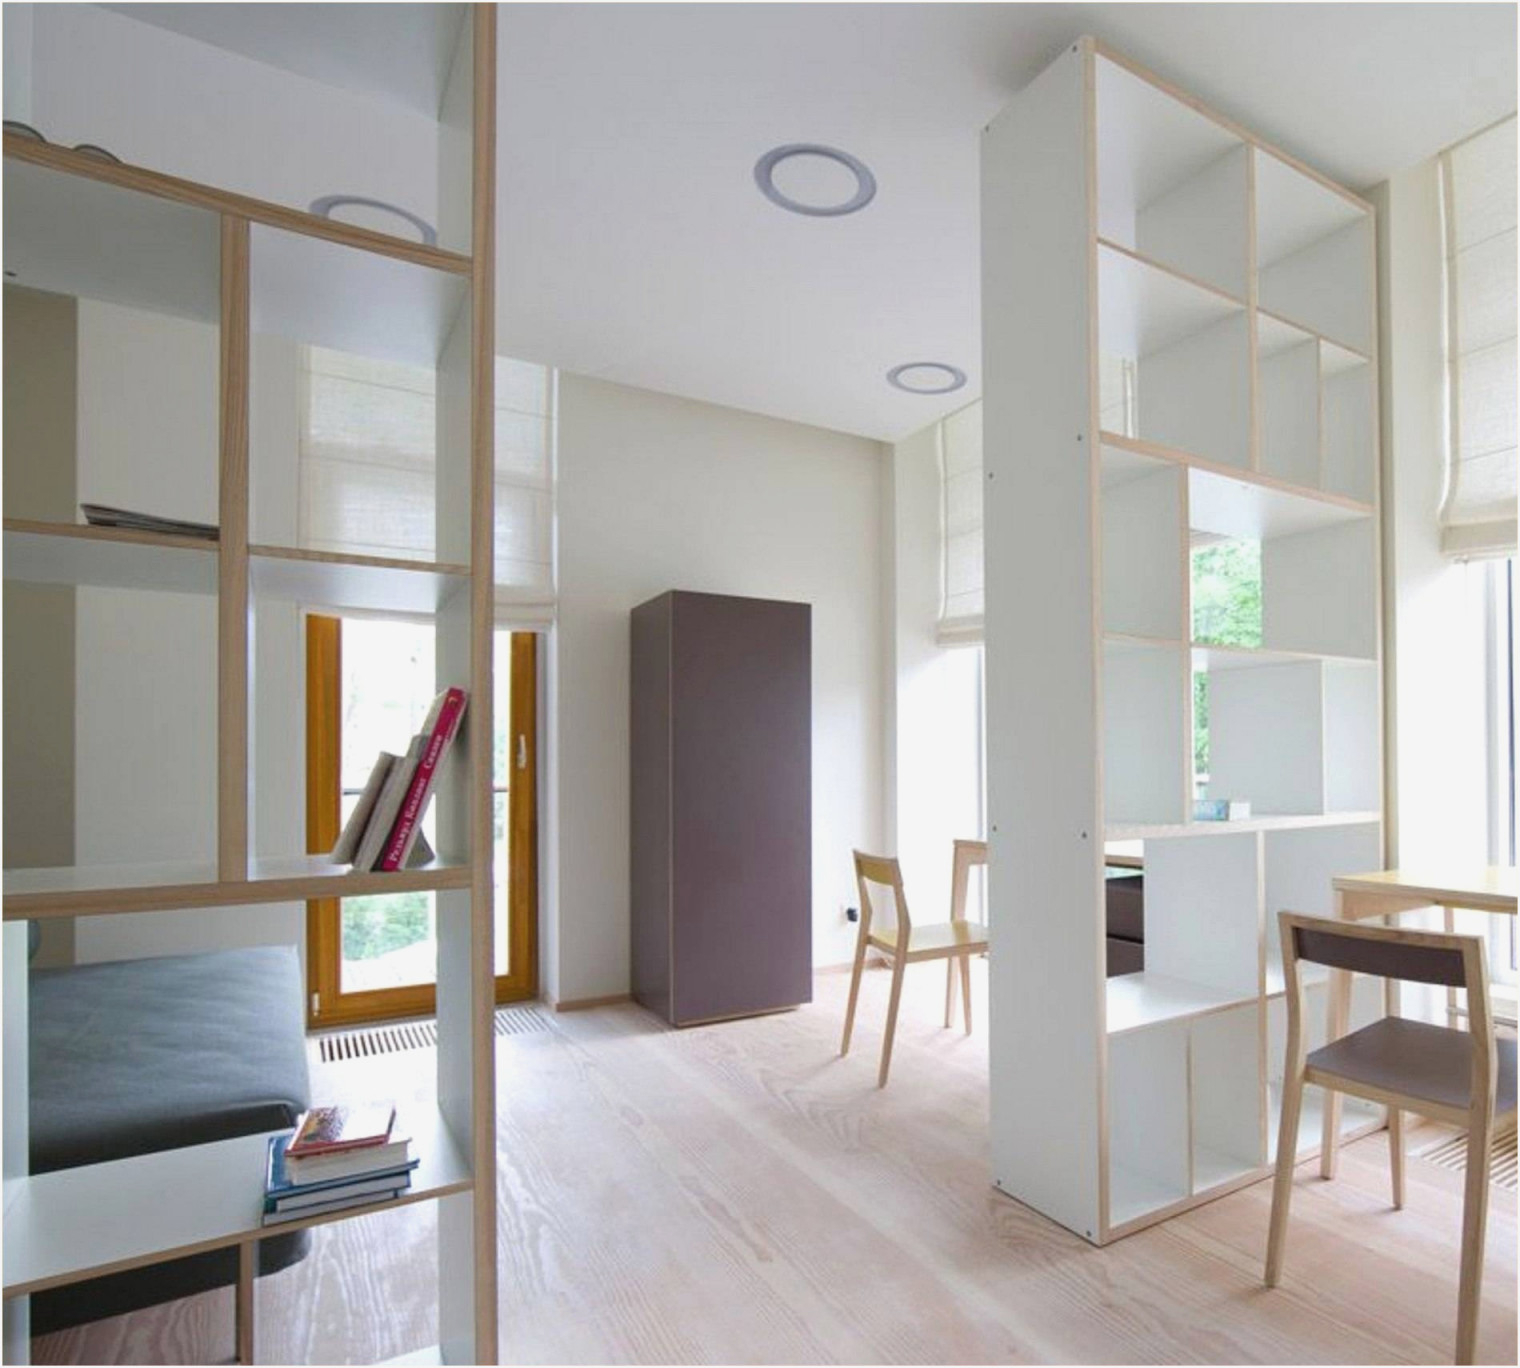 09Gartenmbelset Raumteiler Wohn Schlafzimmer von Ideen Wohnzimmer Und Schlafzimmer In Einem Photo